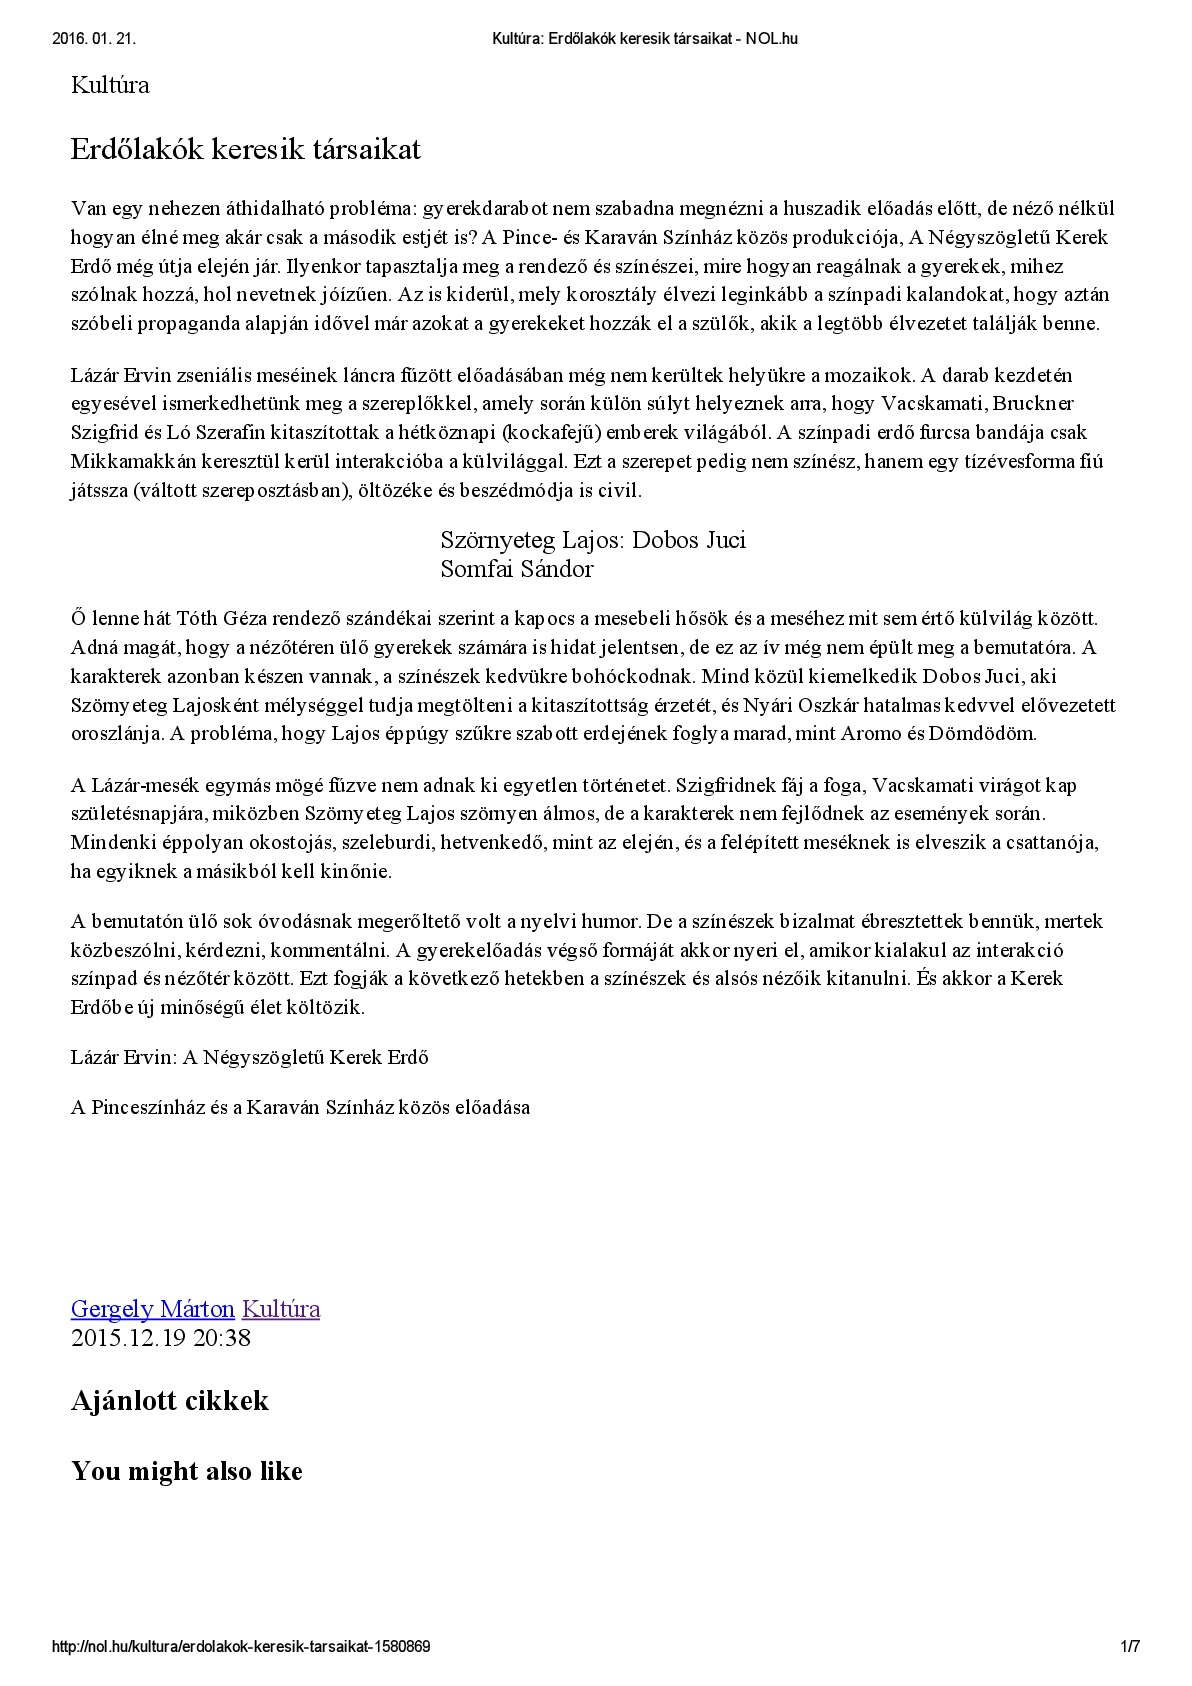 Kultúra_ Erdőlakók keresik társaikat - NOL-1-1-001